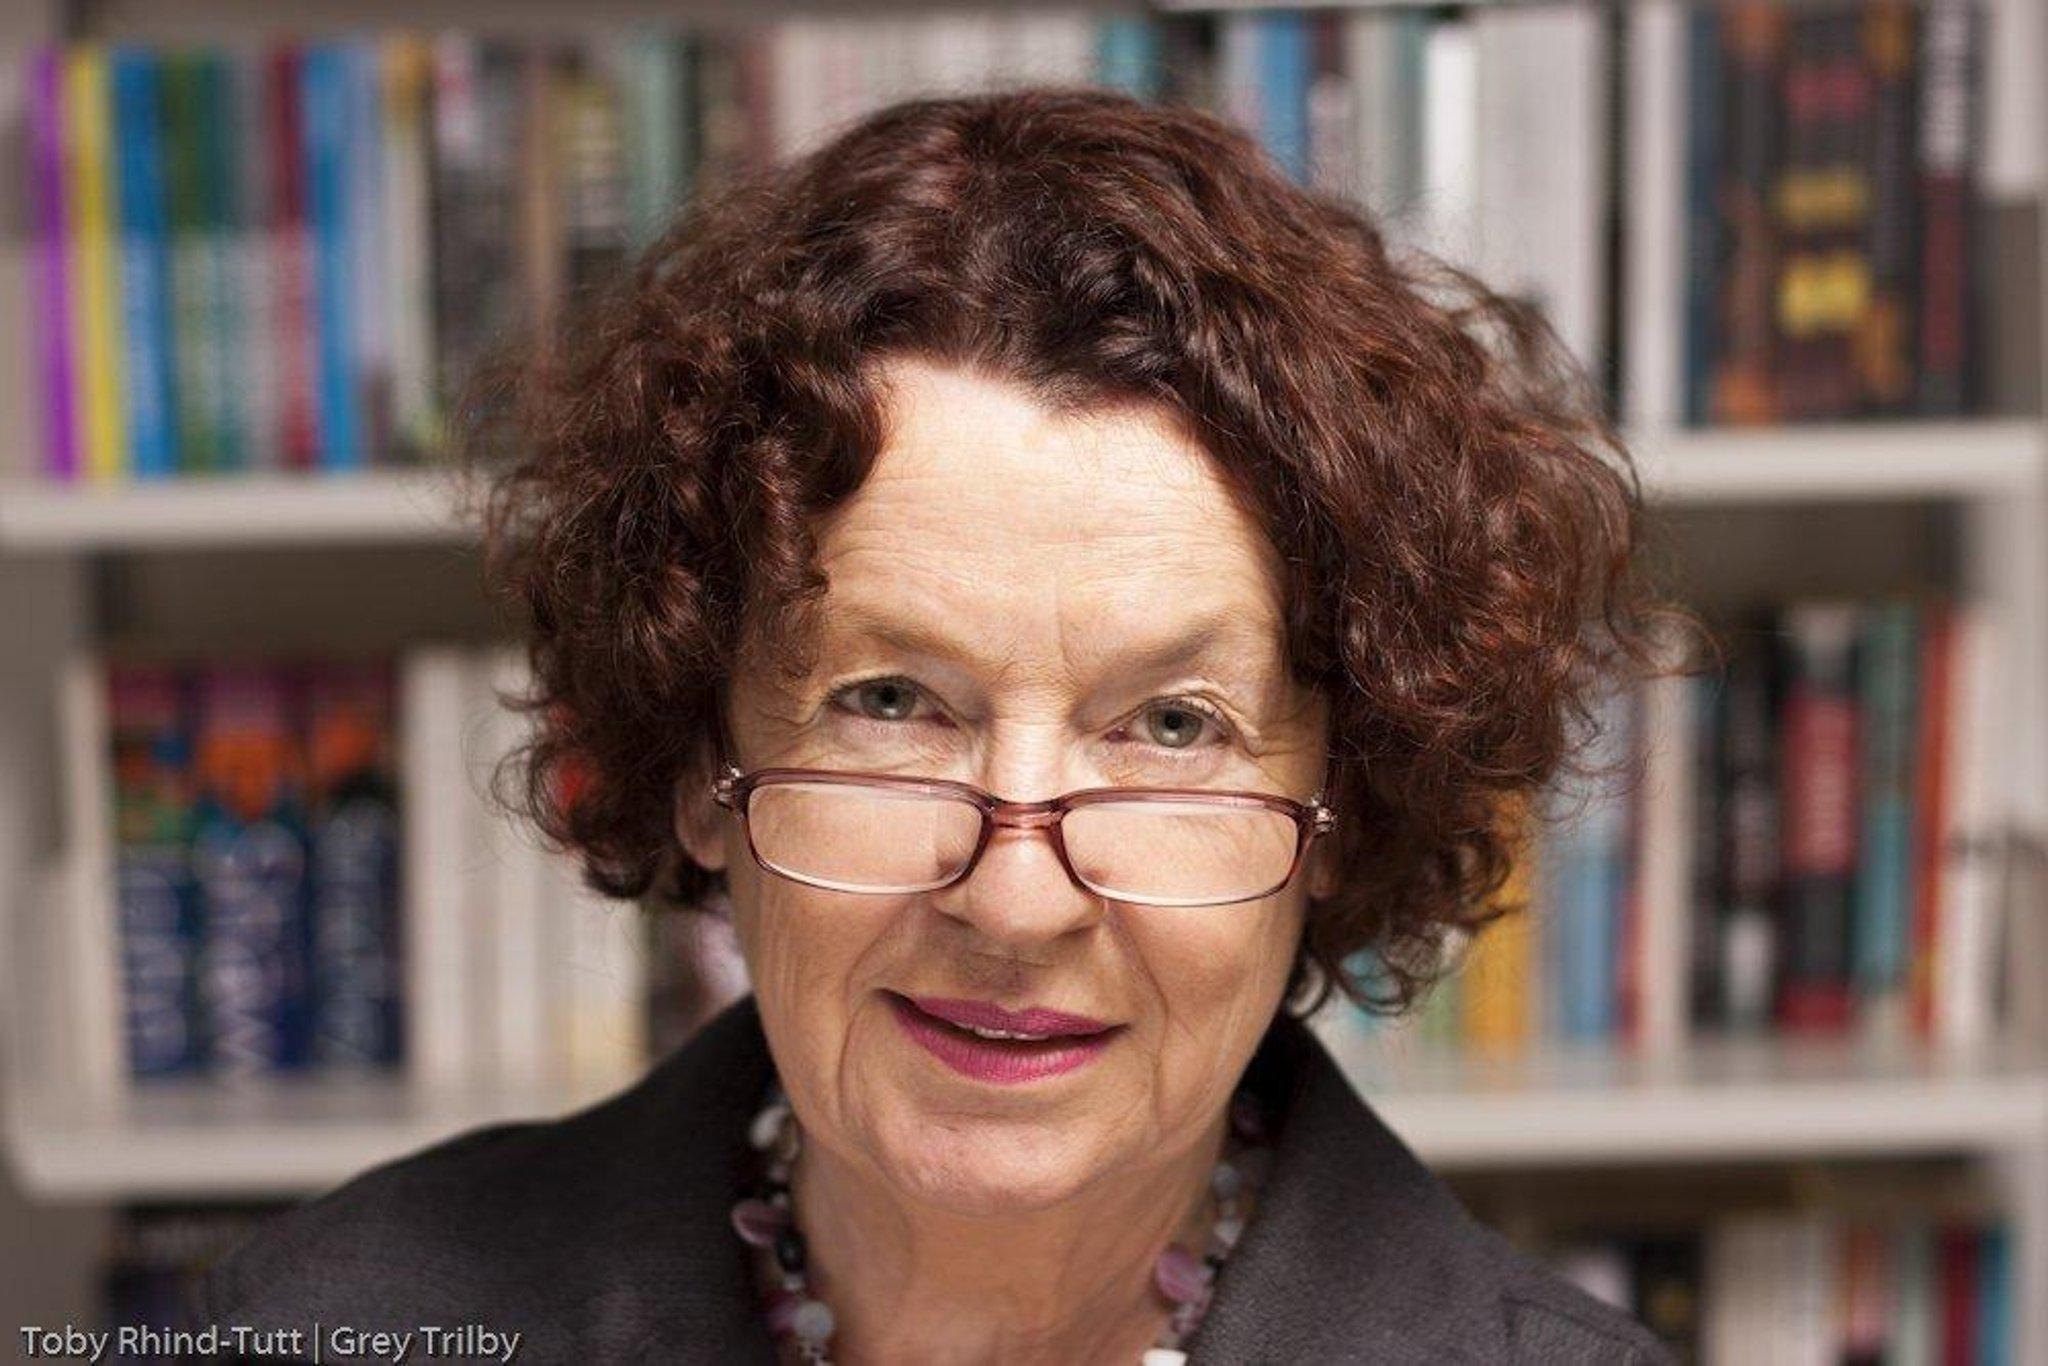 Ruth Dudley Edwards: Des O'Malley warned Ireland about Sinn Fein populism